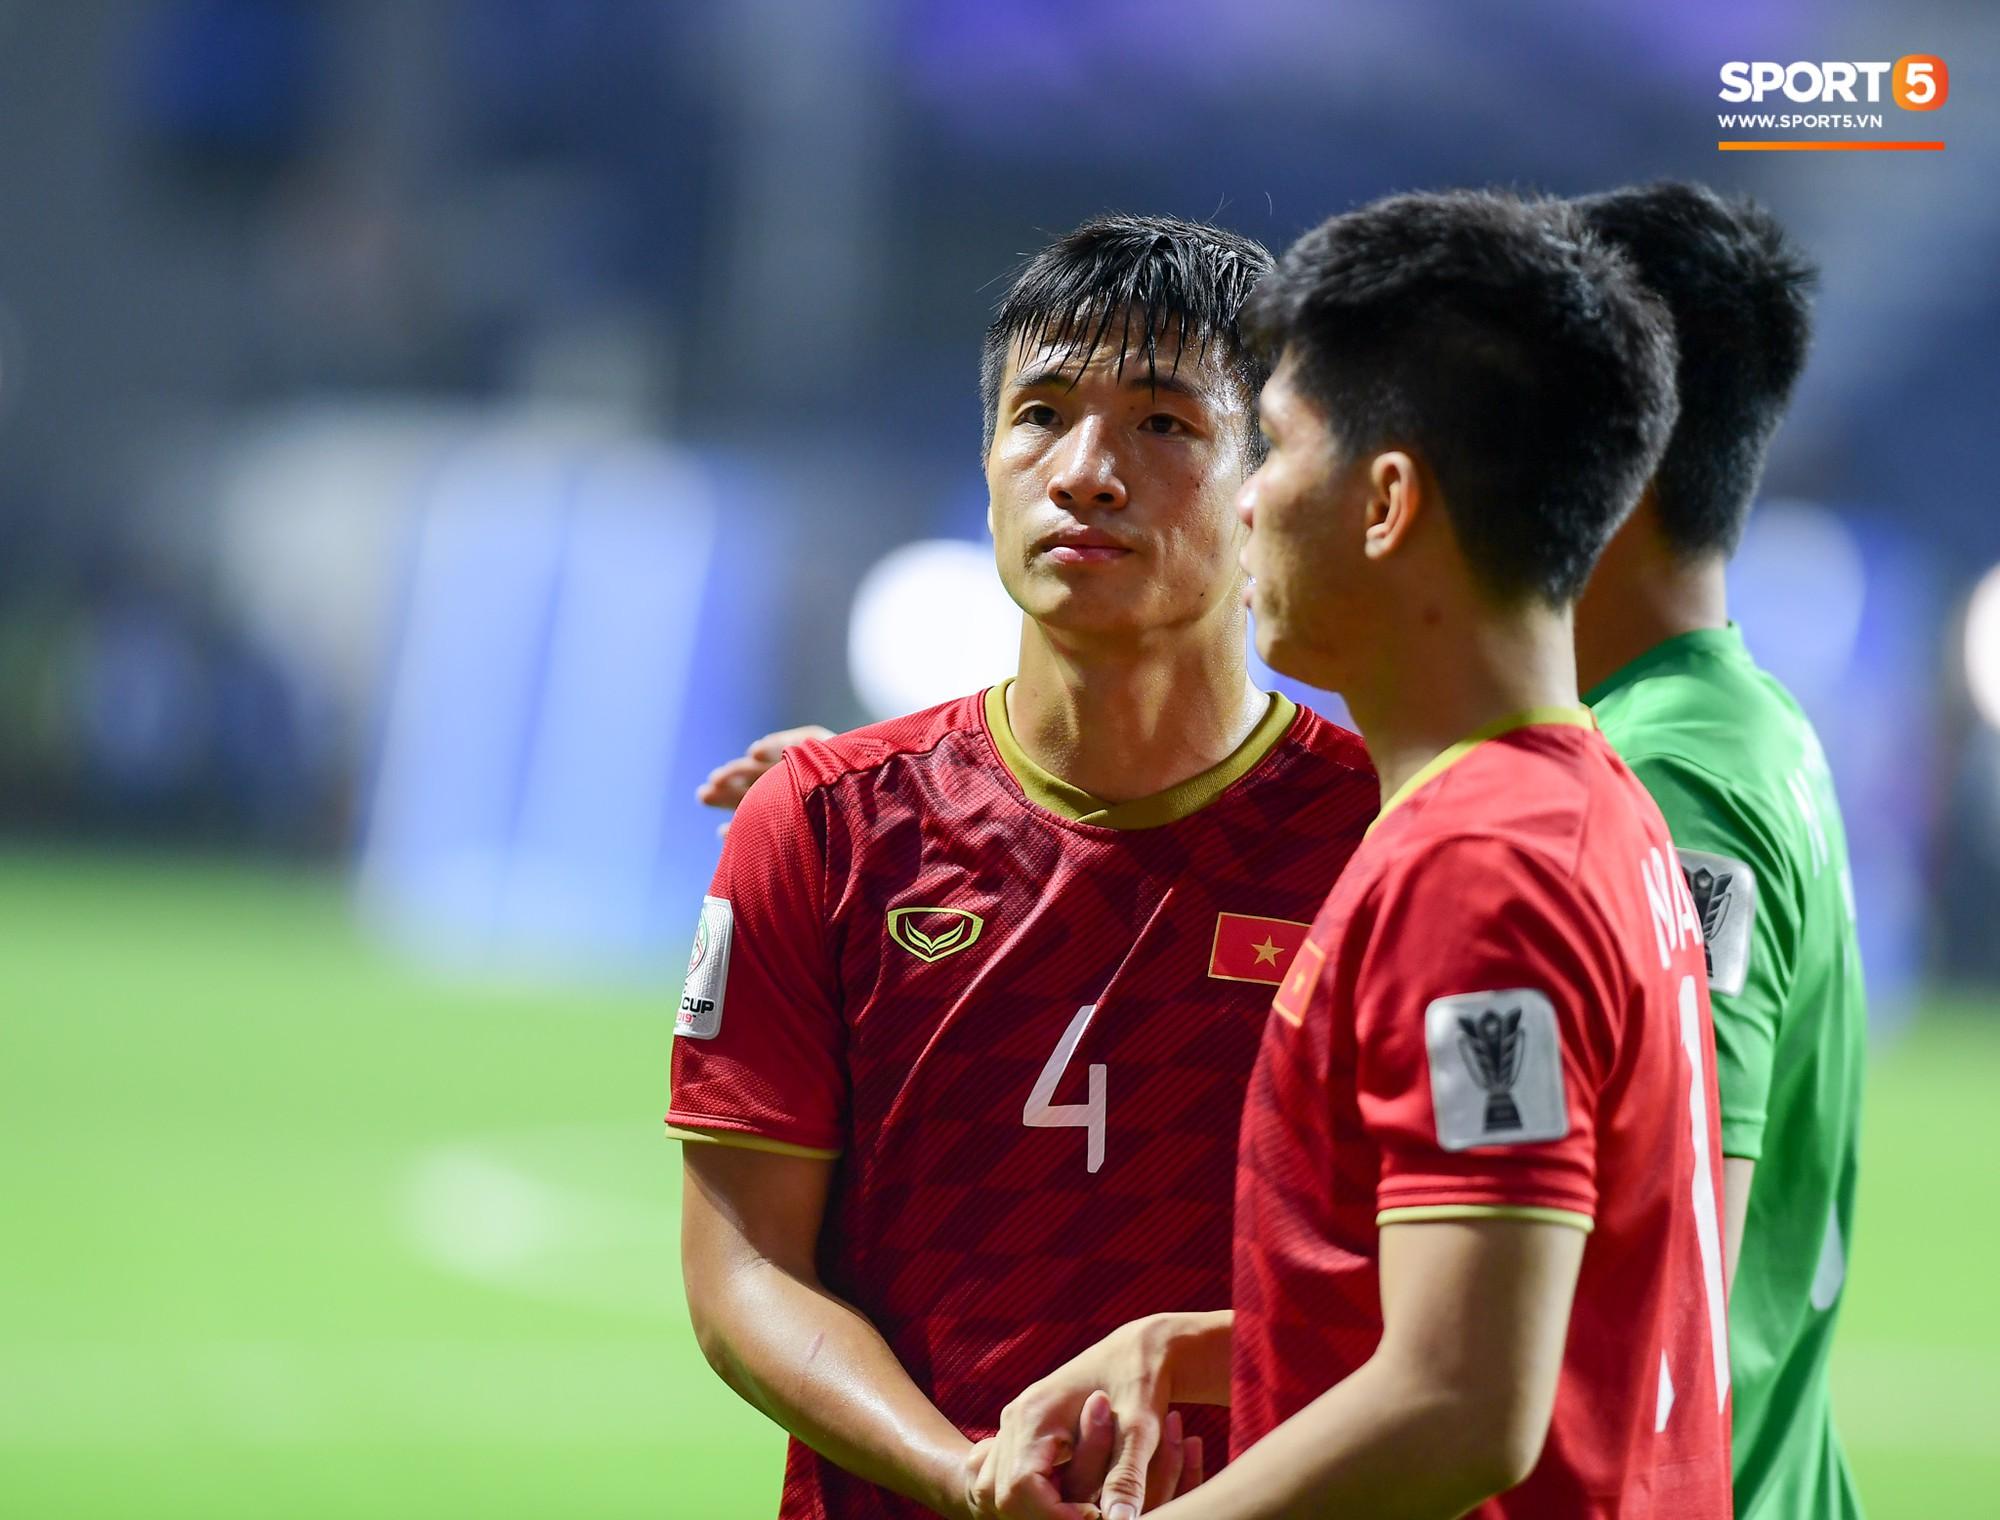 Trung vệ Bùi Tiến Dũng được các đồng đội động viên, anh khiến đội tuyển Việt Nam phải chịu một quả phạt đền sau khi trọng tài chính tham khảo các trợ lý trọng tài video.